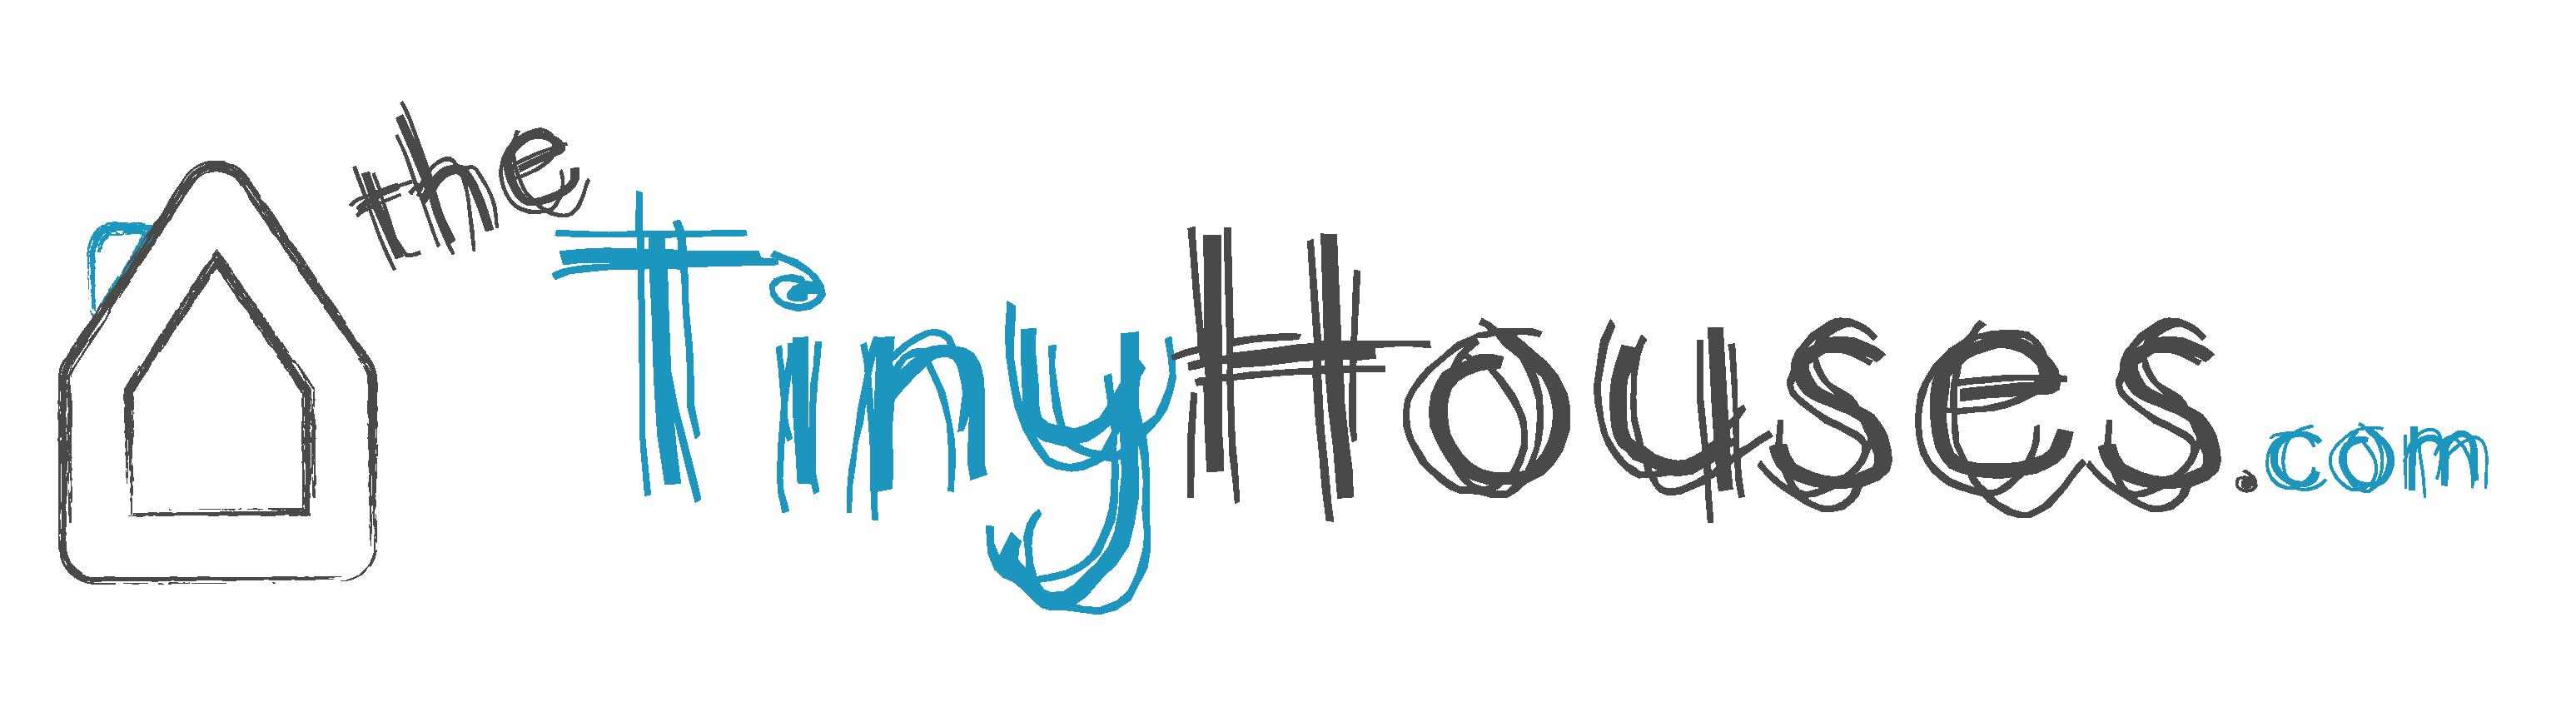 thetinyhouses-logo2-05